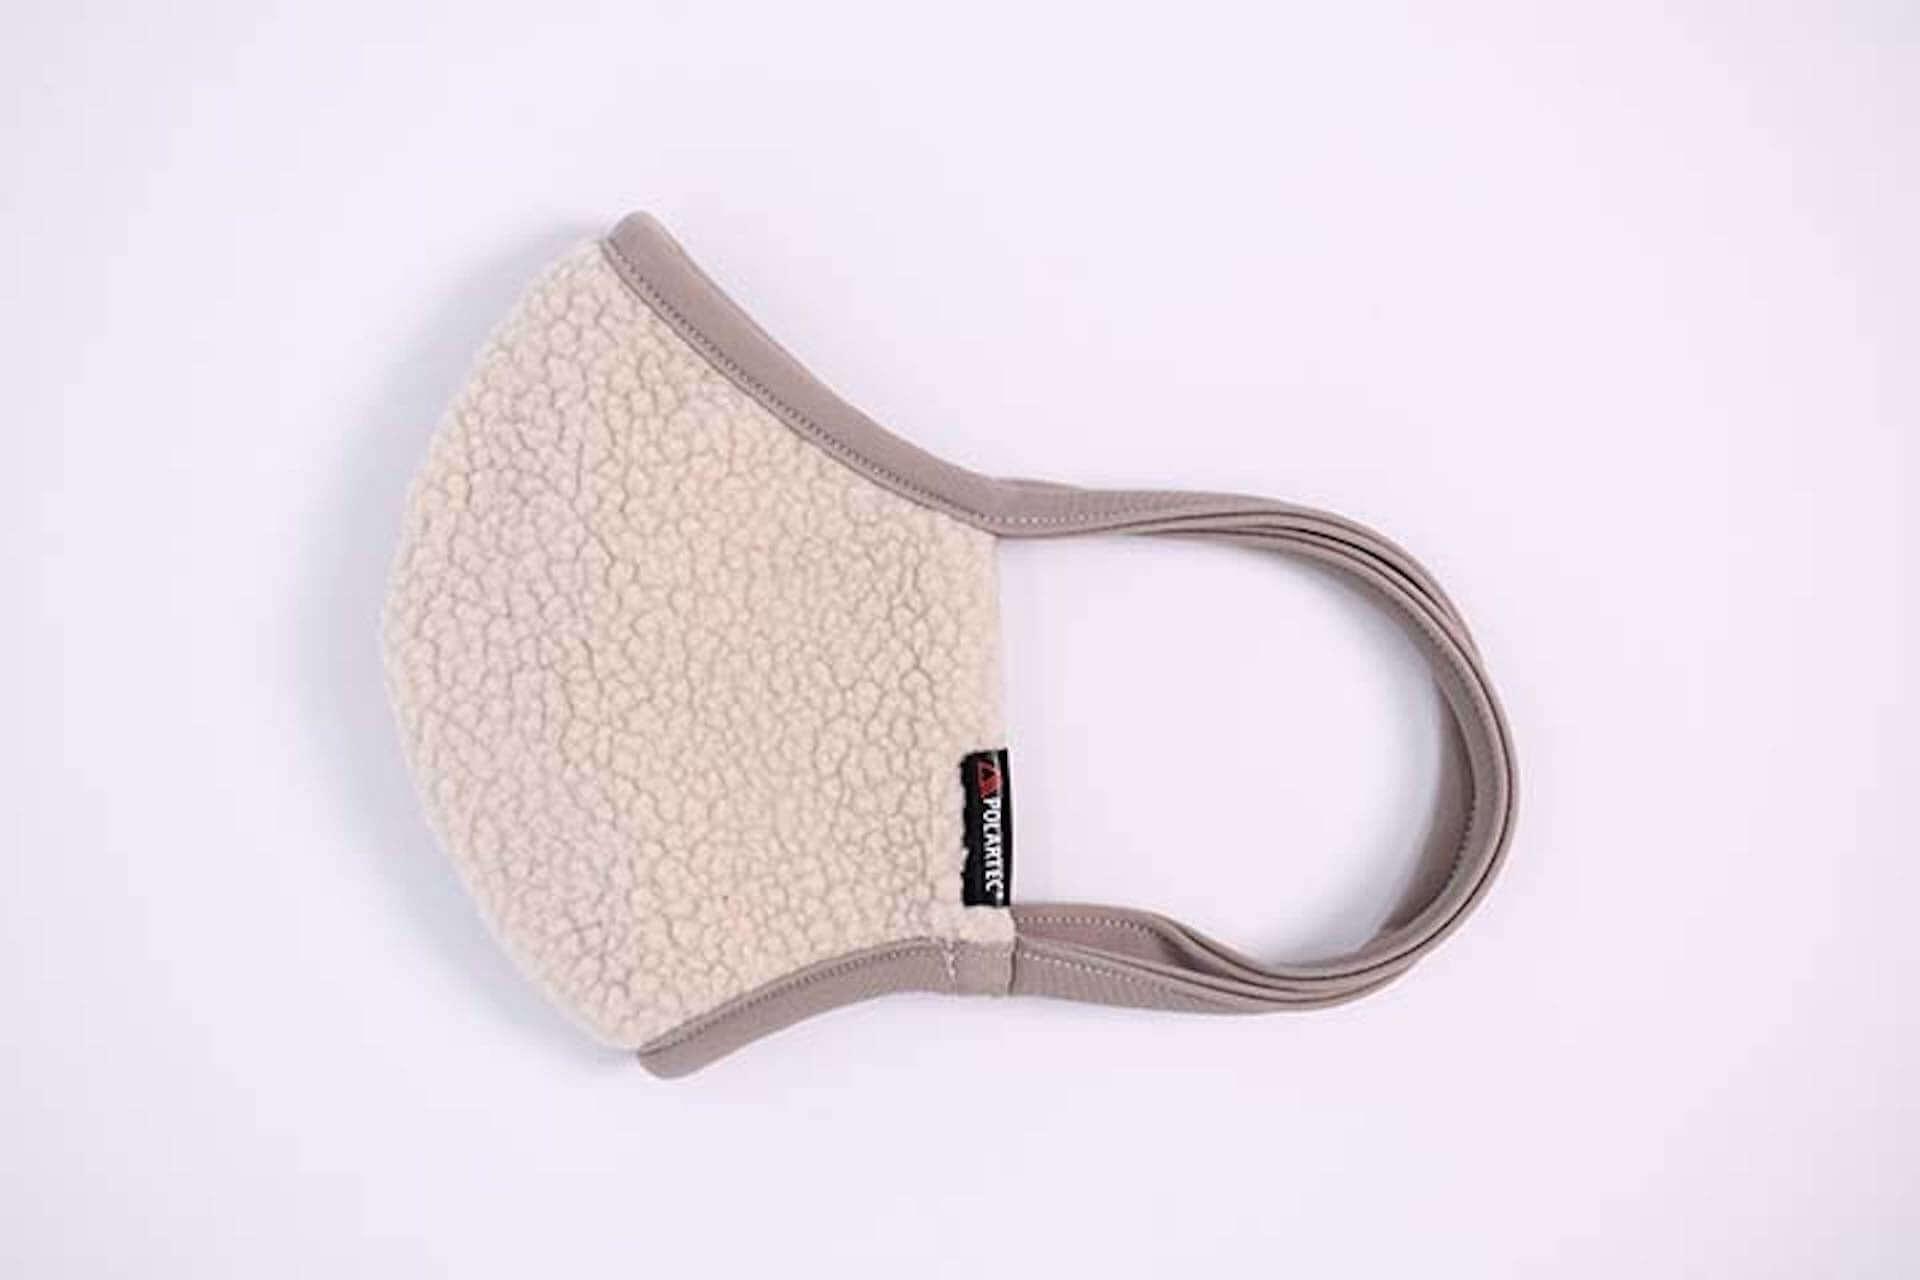 真冬のコーディネートにもおすすめ!「POLARTEC(R)」のボアフリースを使用したマスクが発売 lf210112_fleecemask_6-1920x1280